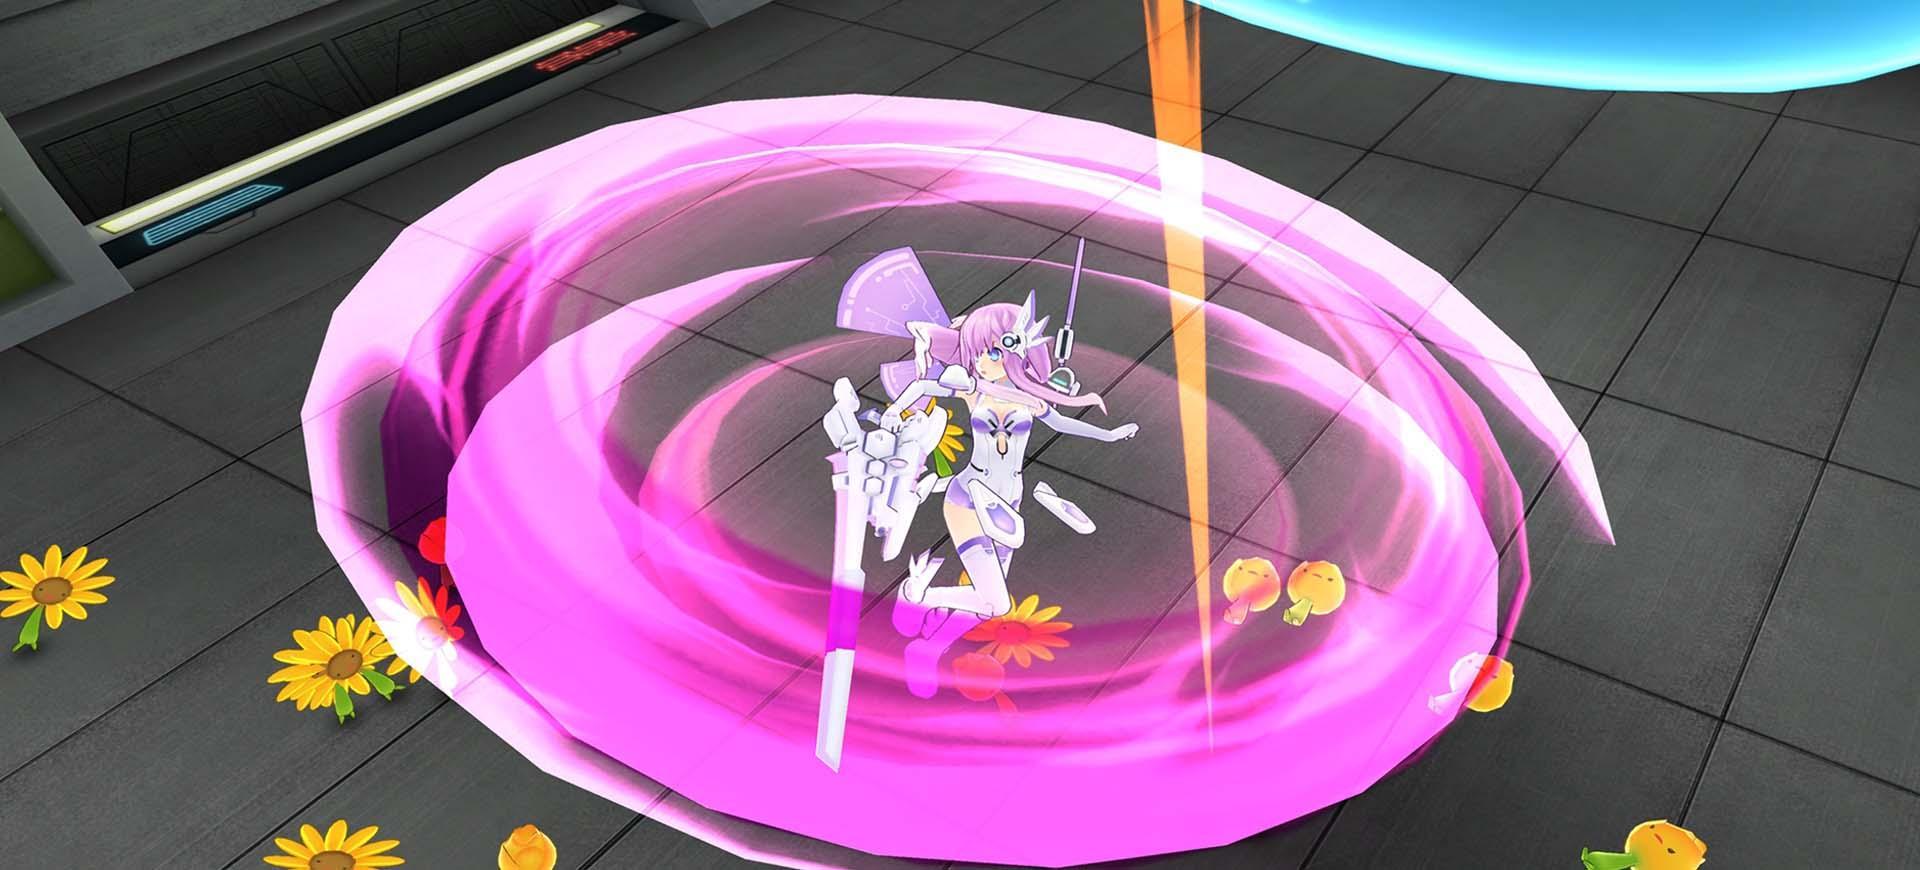 Hyperdimension Neptunia U: Action Unleashed ấn định ngày phát hành lên Steam